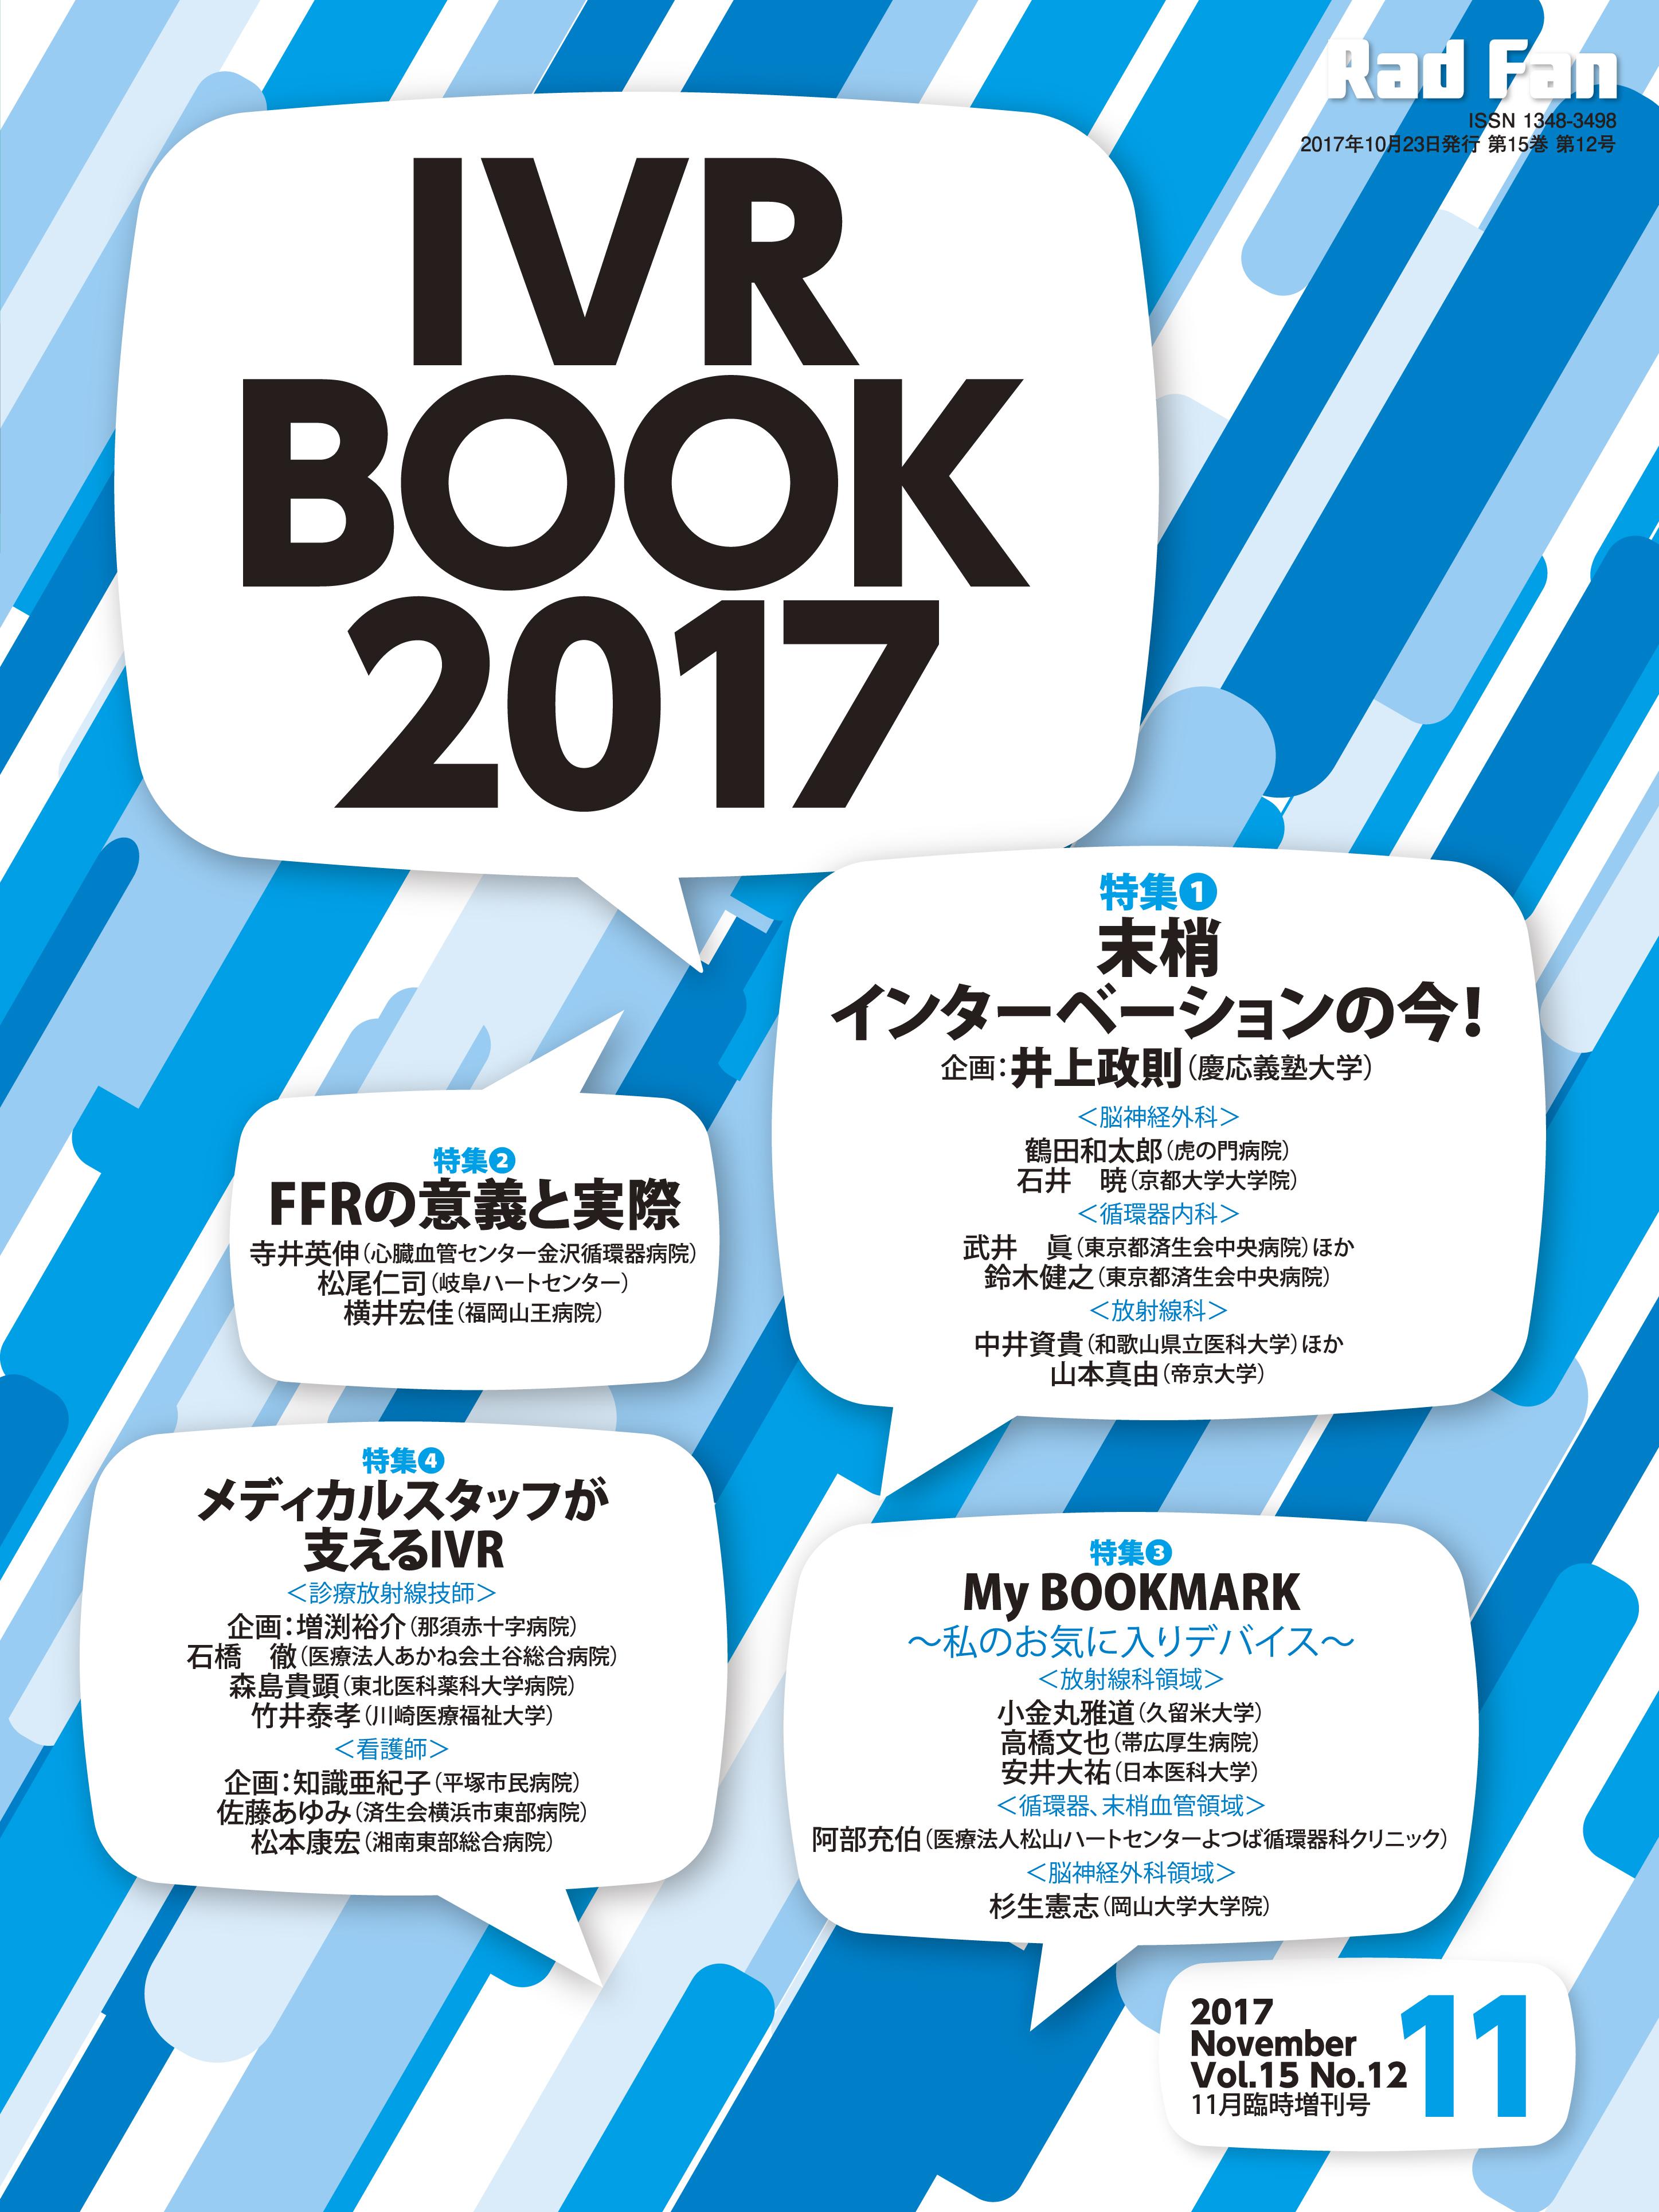 RadFan 2017年11月臨時増刊号